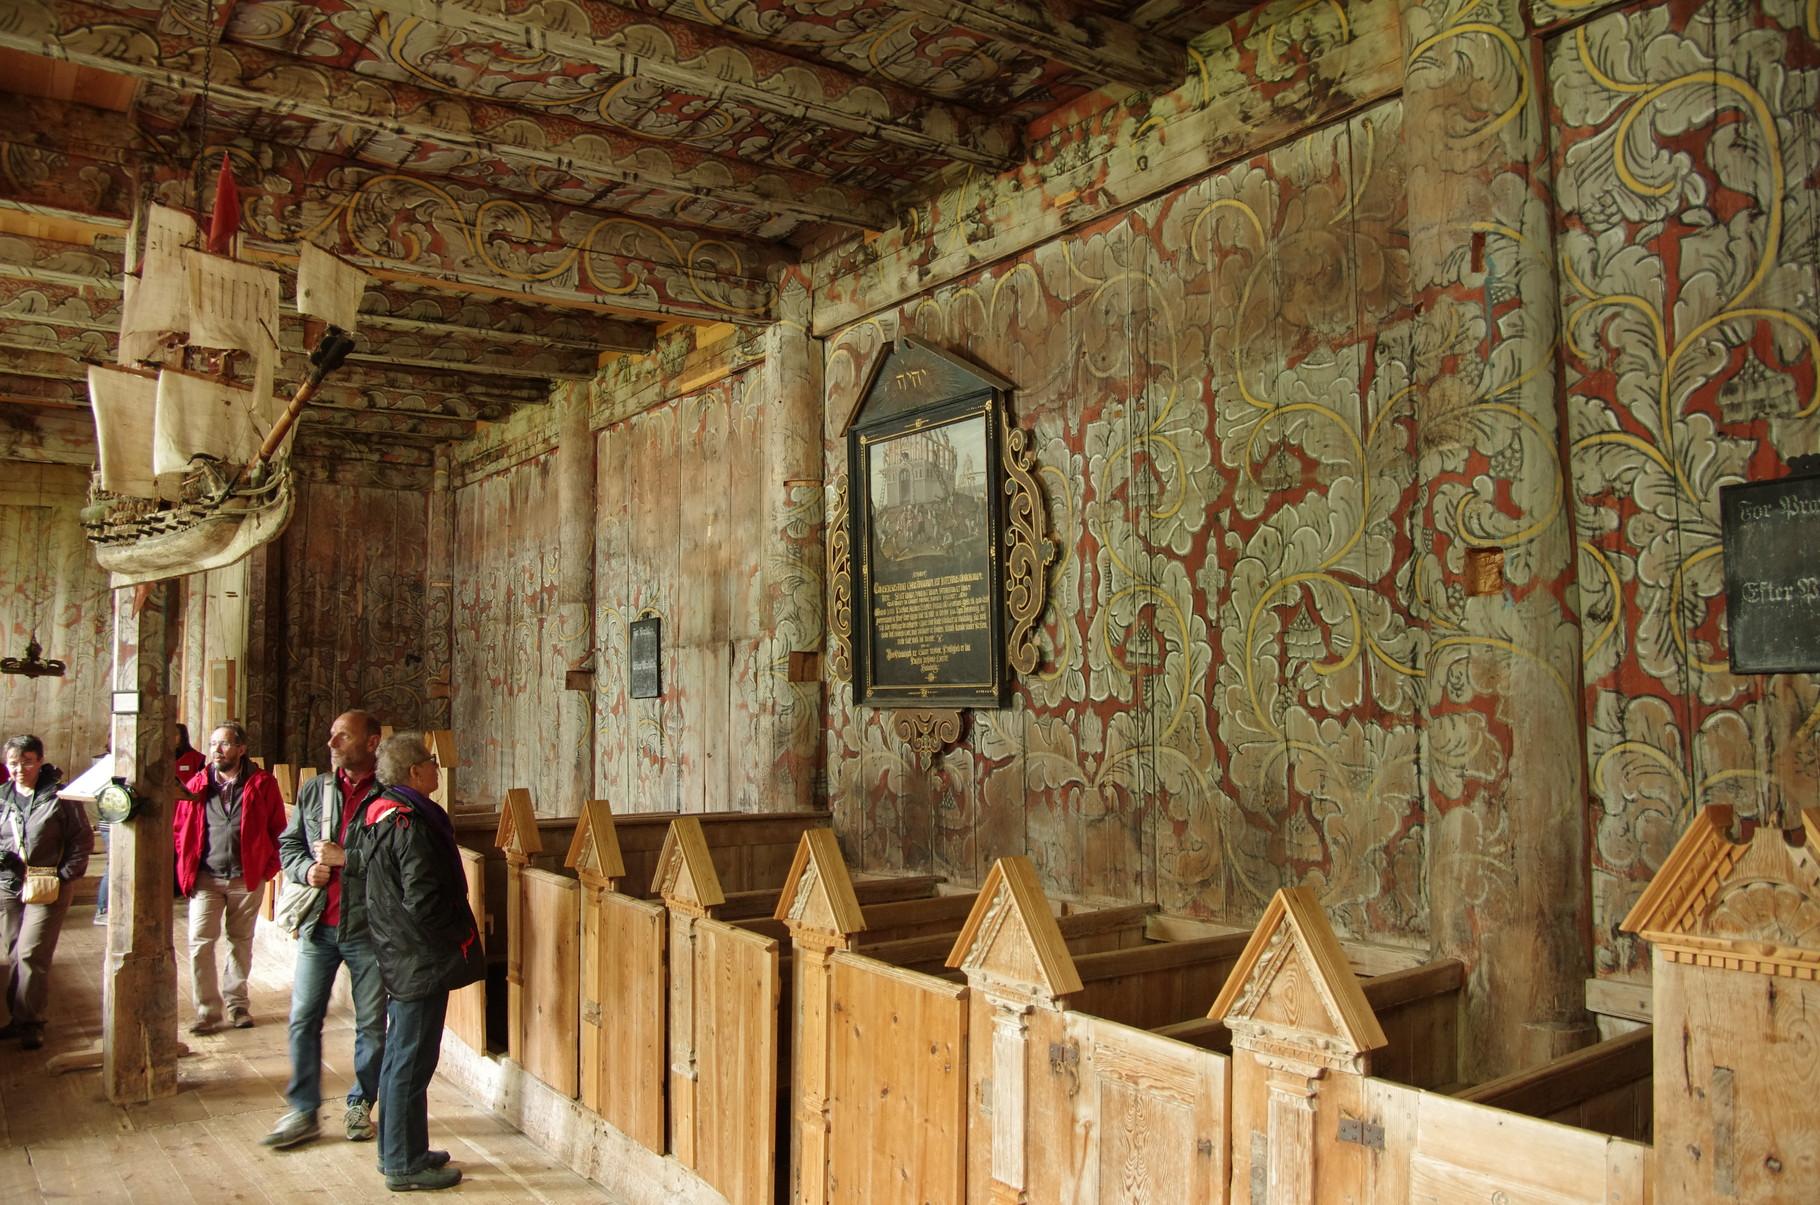 mit sehr schönen Wandmalereien im Inneren